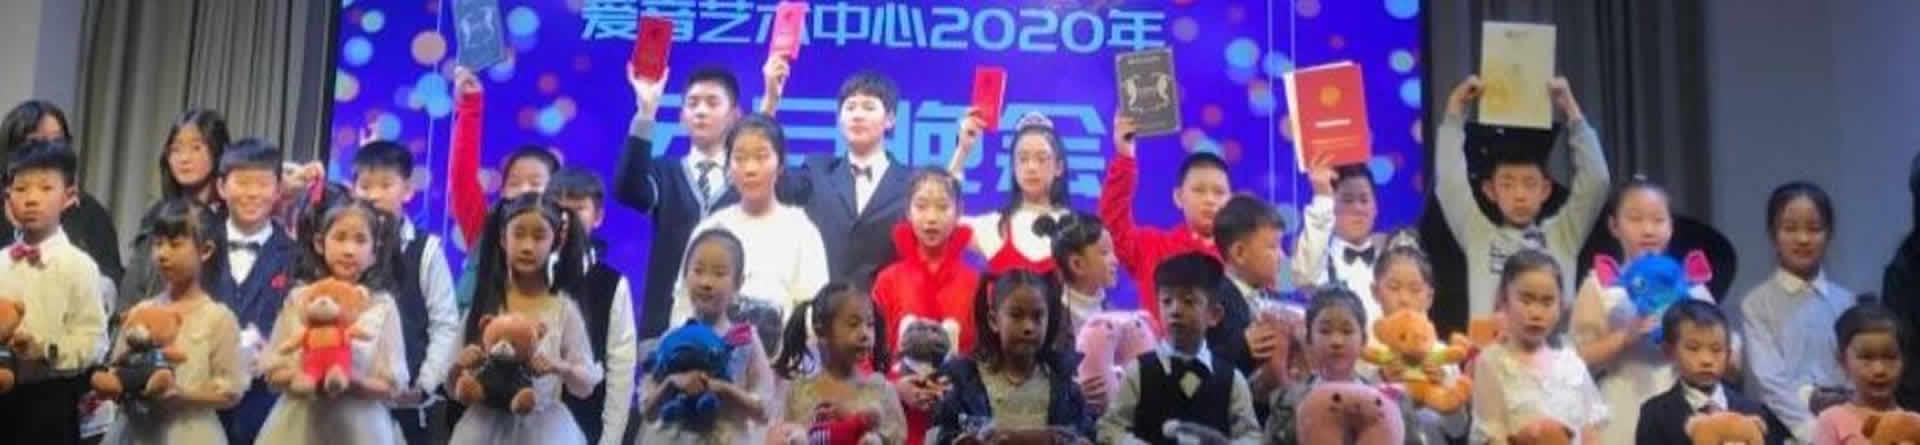 郑州爱音音乐艺术中心